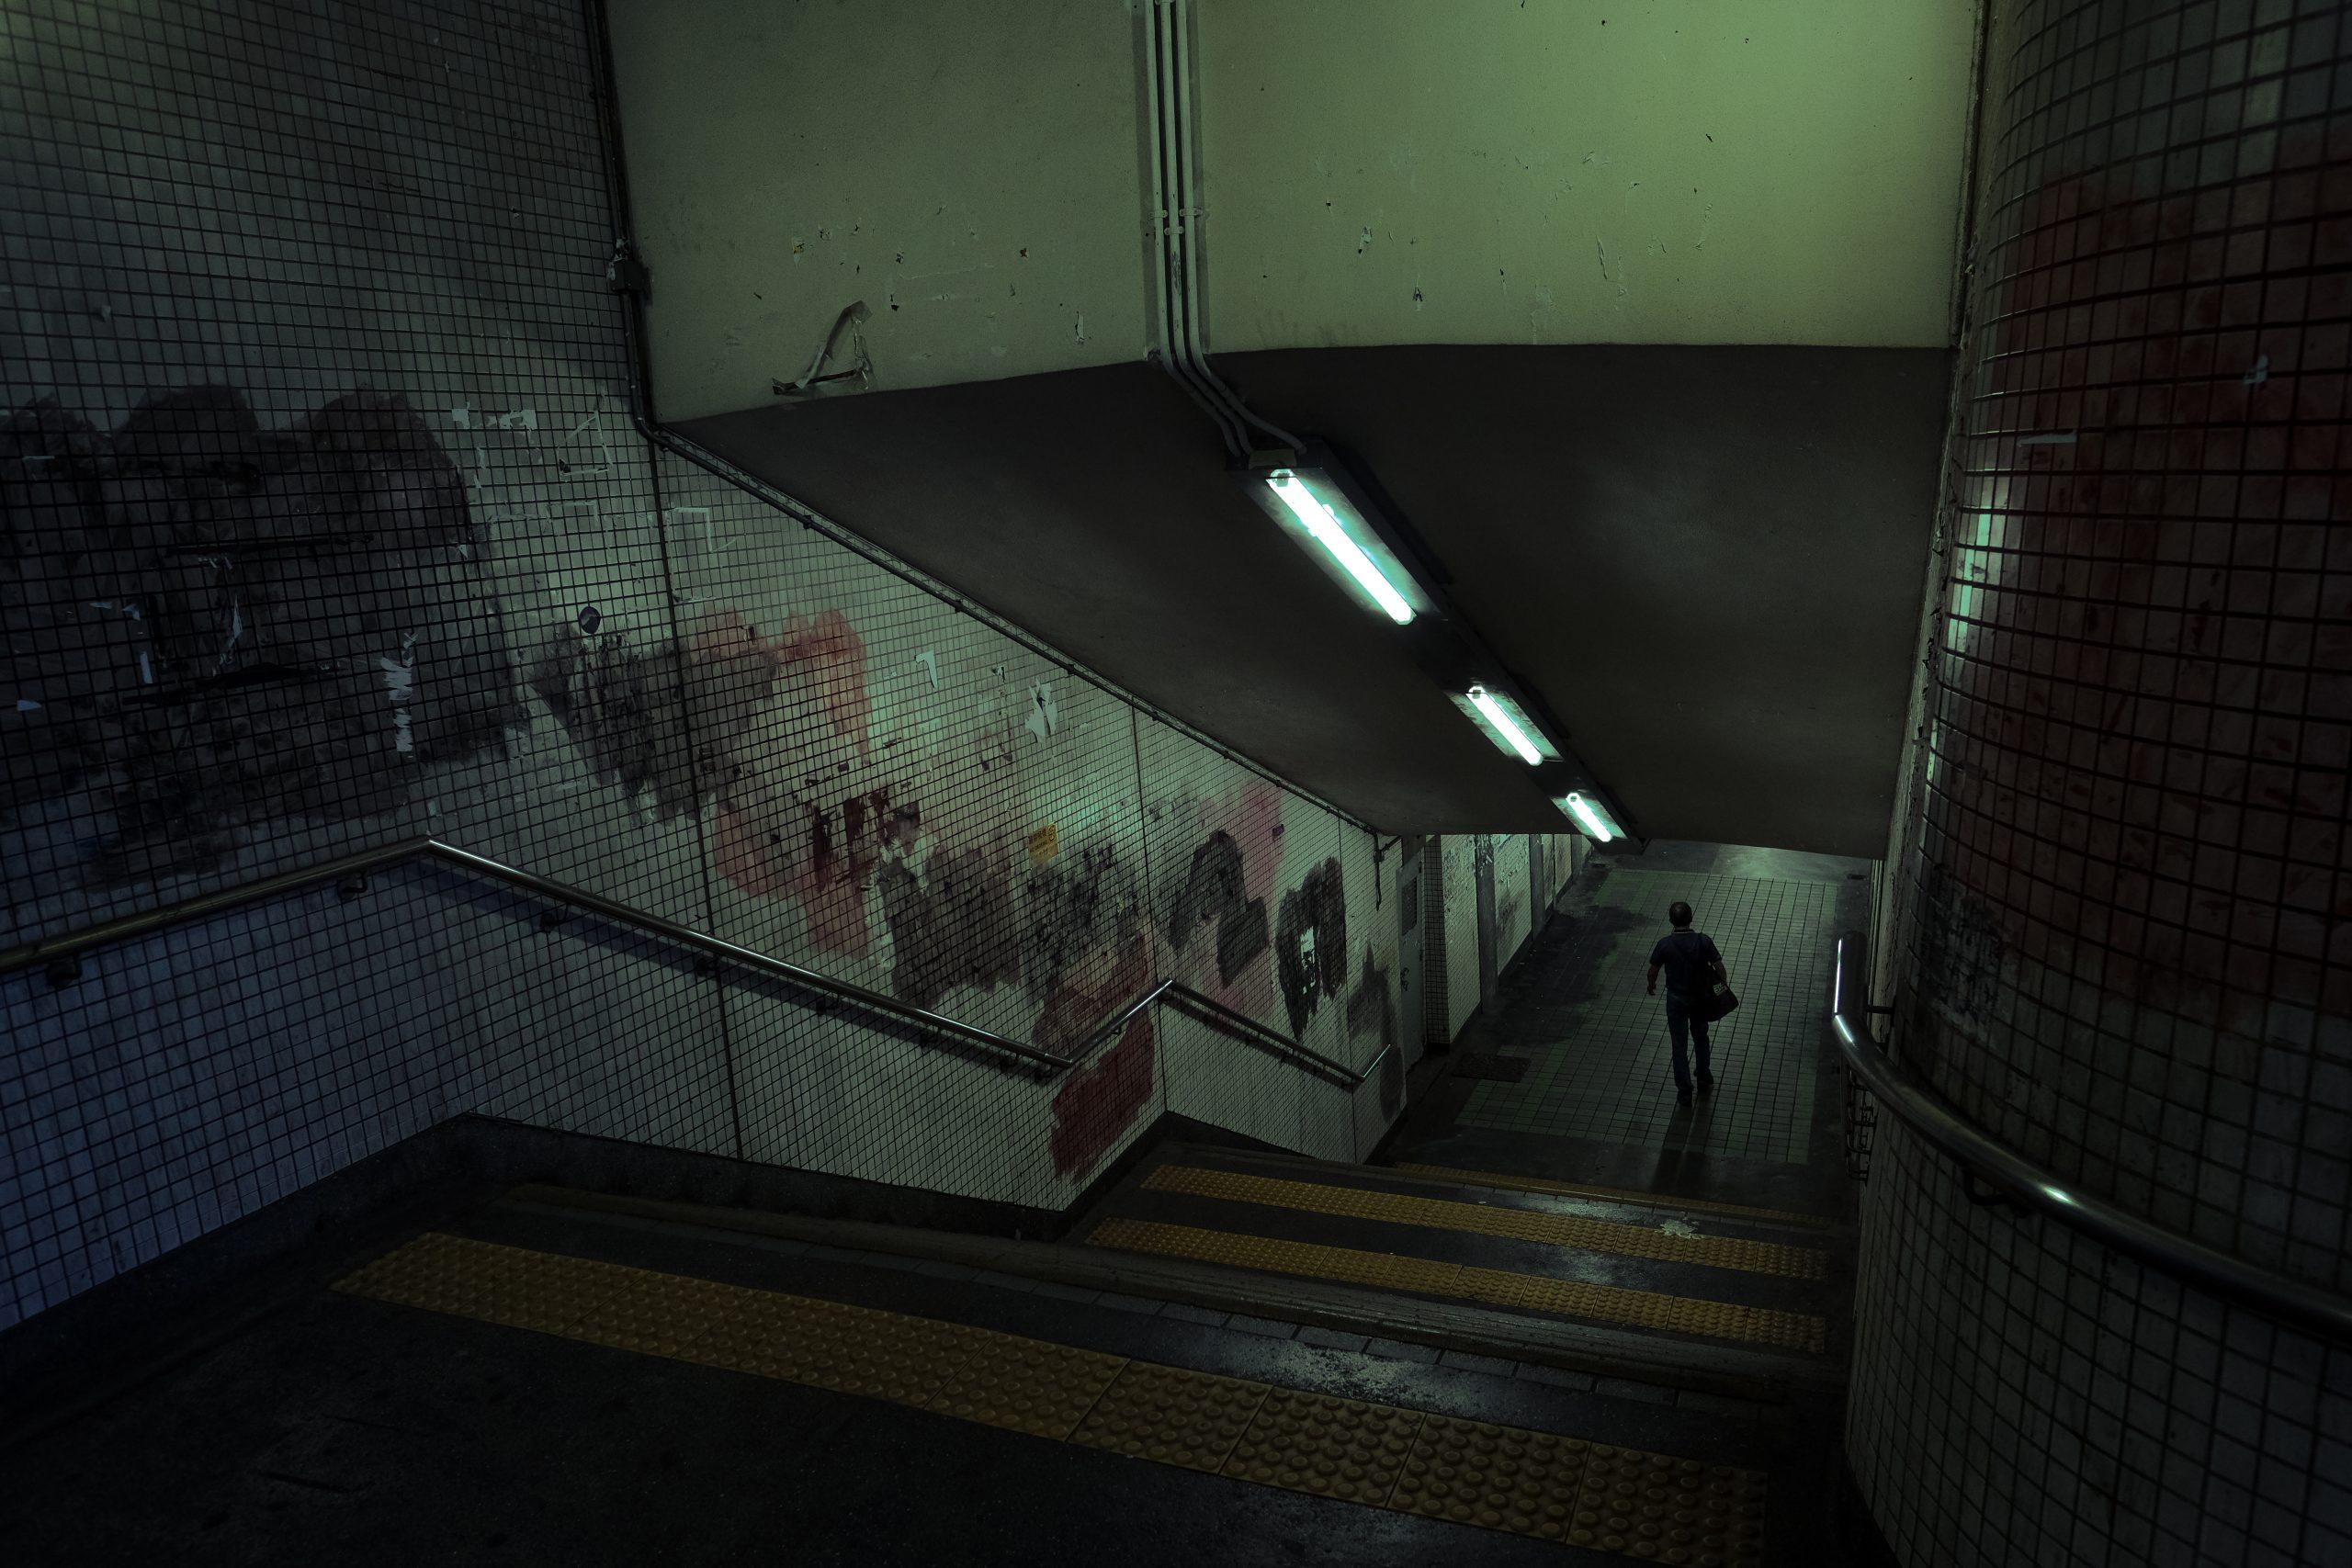 《幽暮之城》攝影集 Deacon Lui 反修例運動 攝影師 隧道 文宣